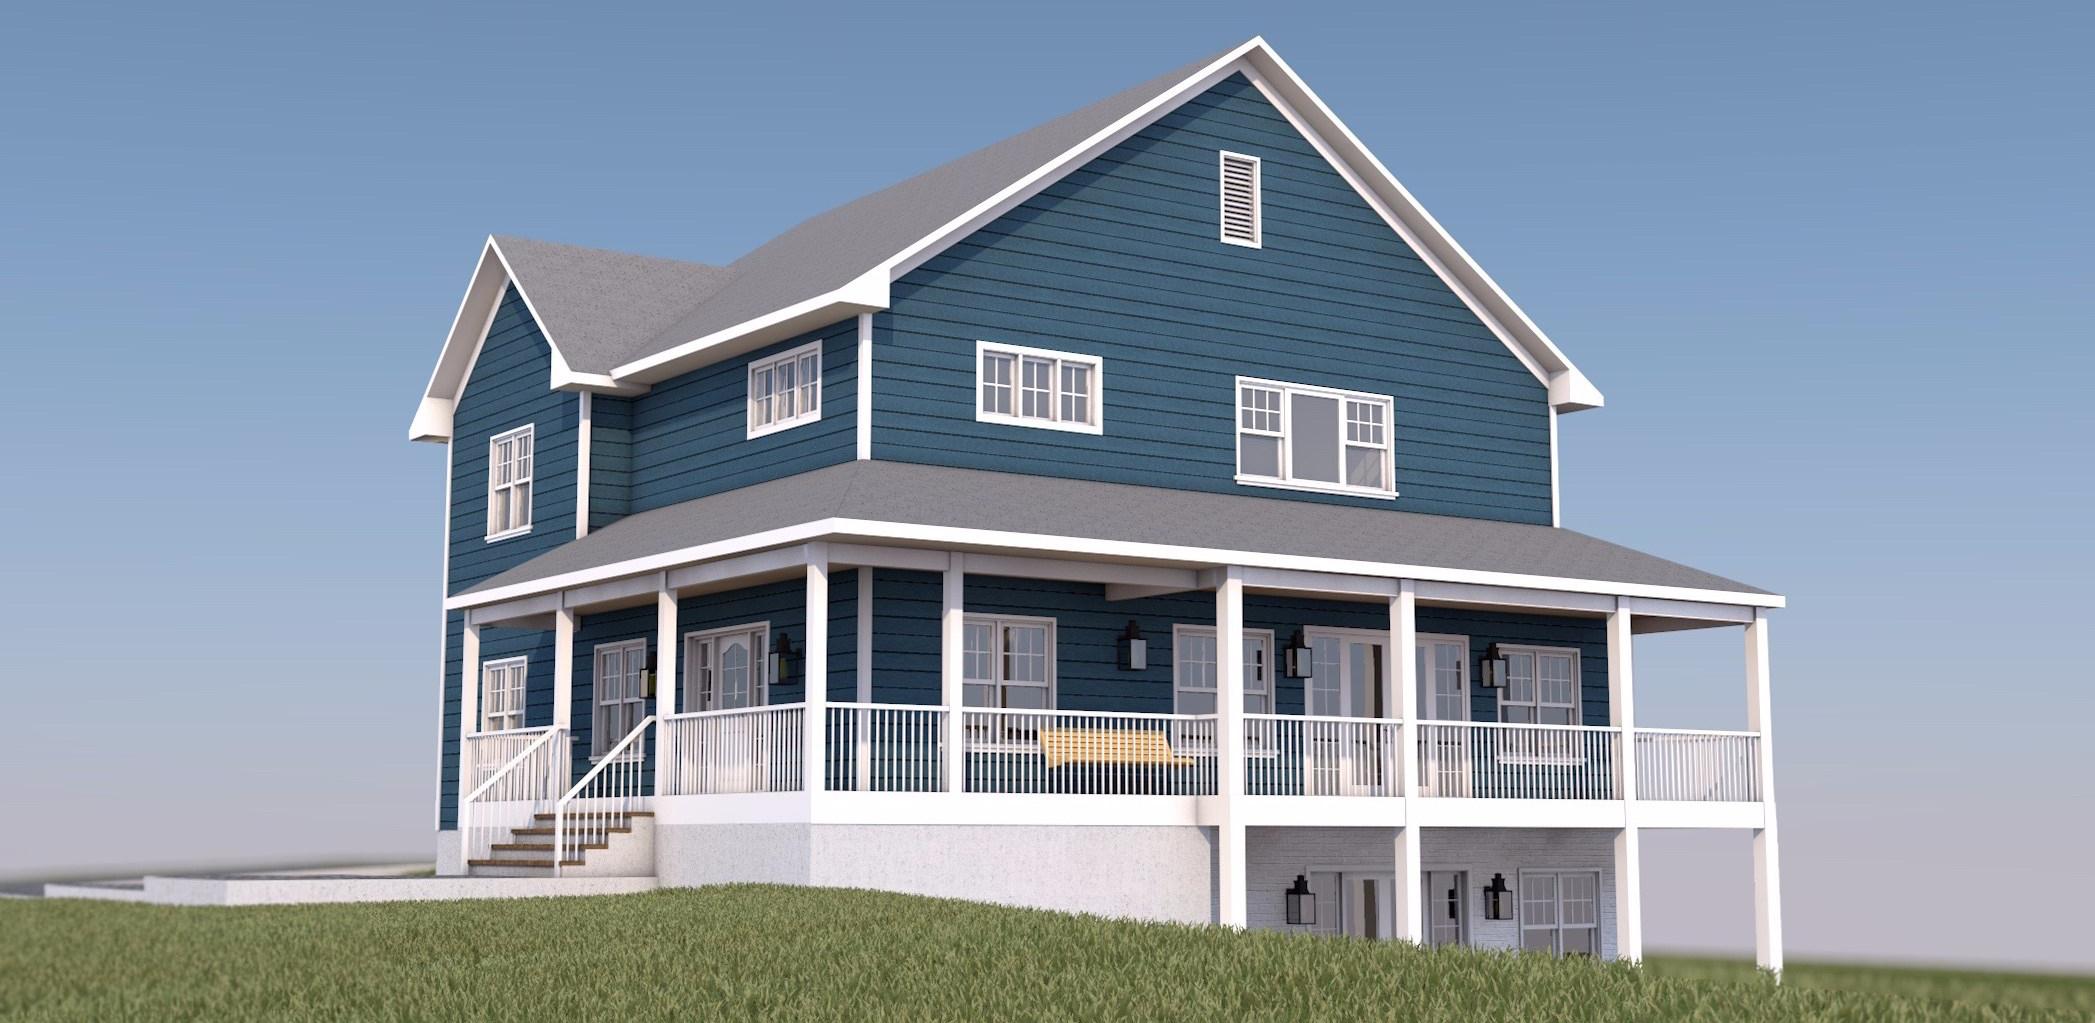 House at a Golf Club - 2 Floor Farmhouse 3D view